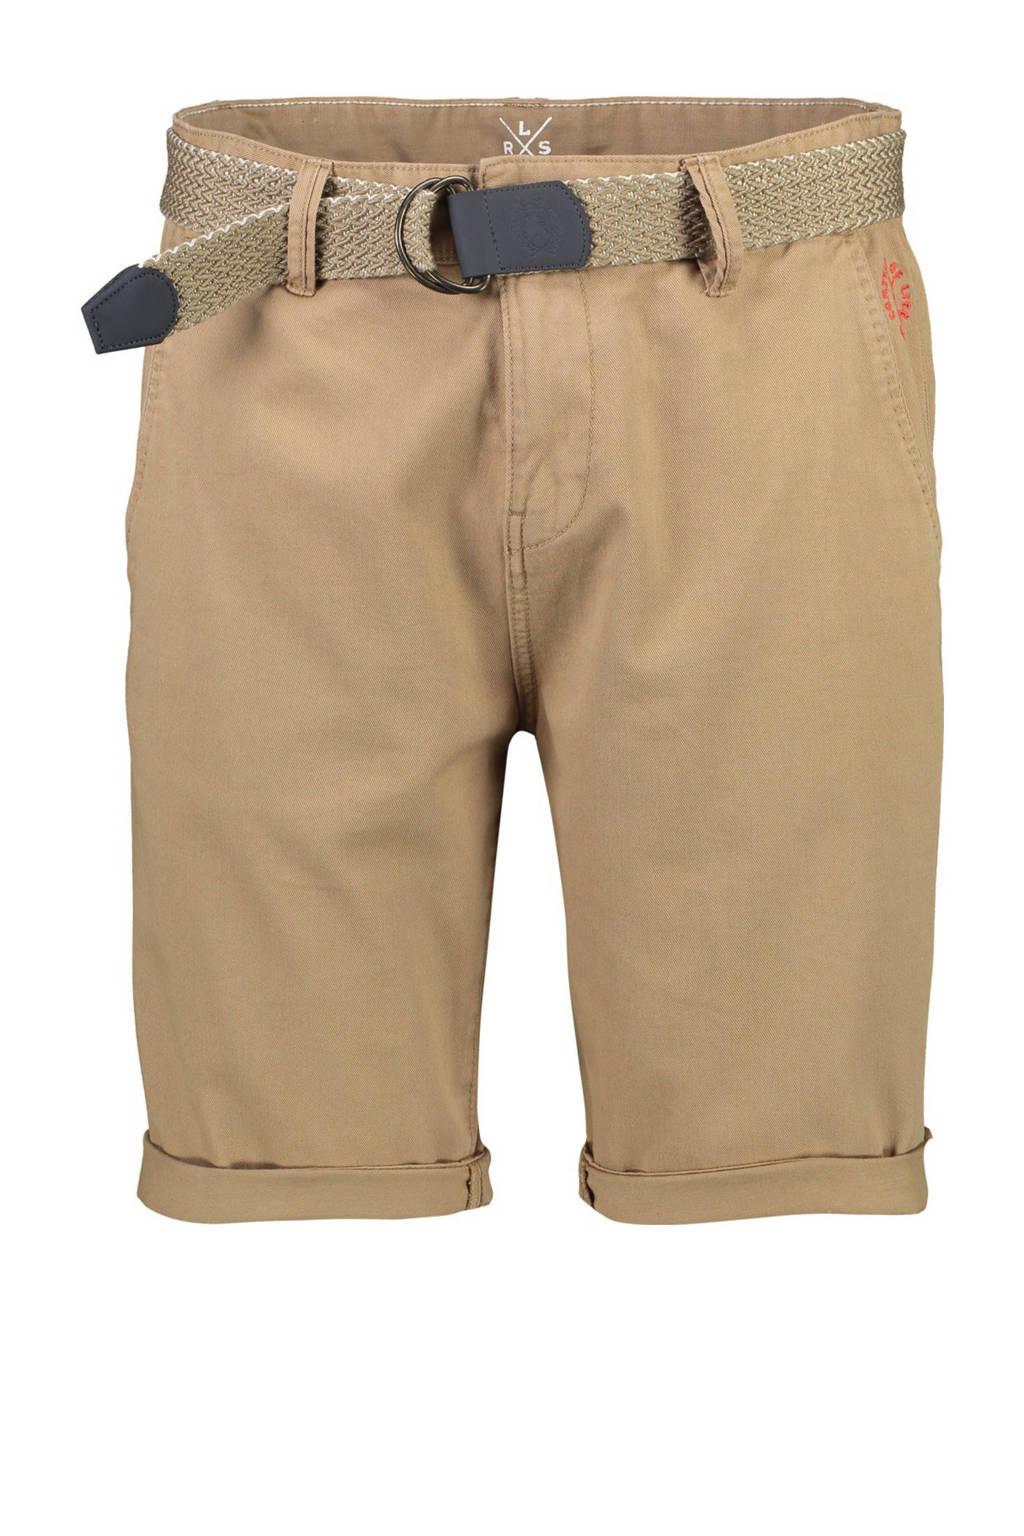 LERROS regular fit chino short beige, Beige